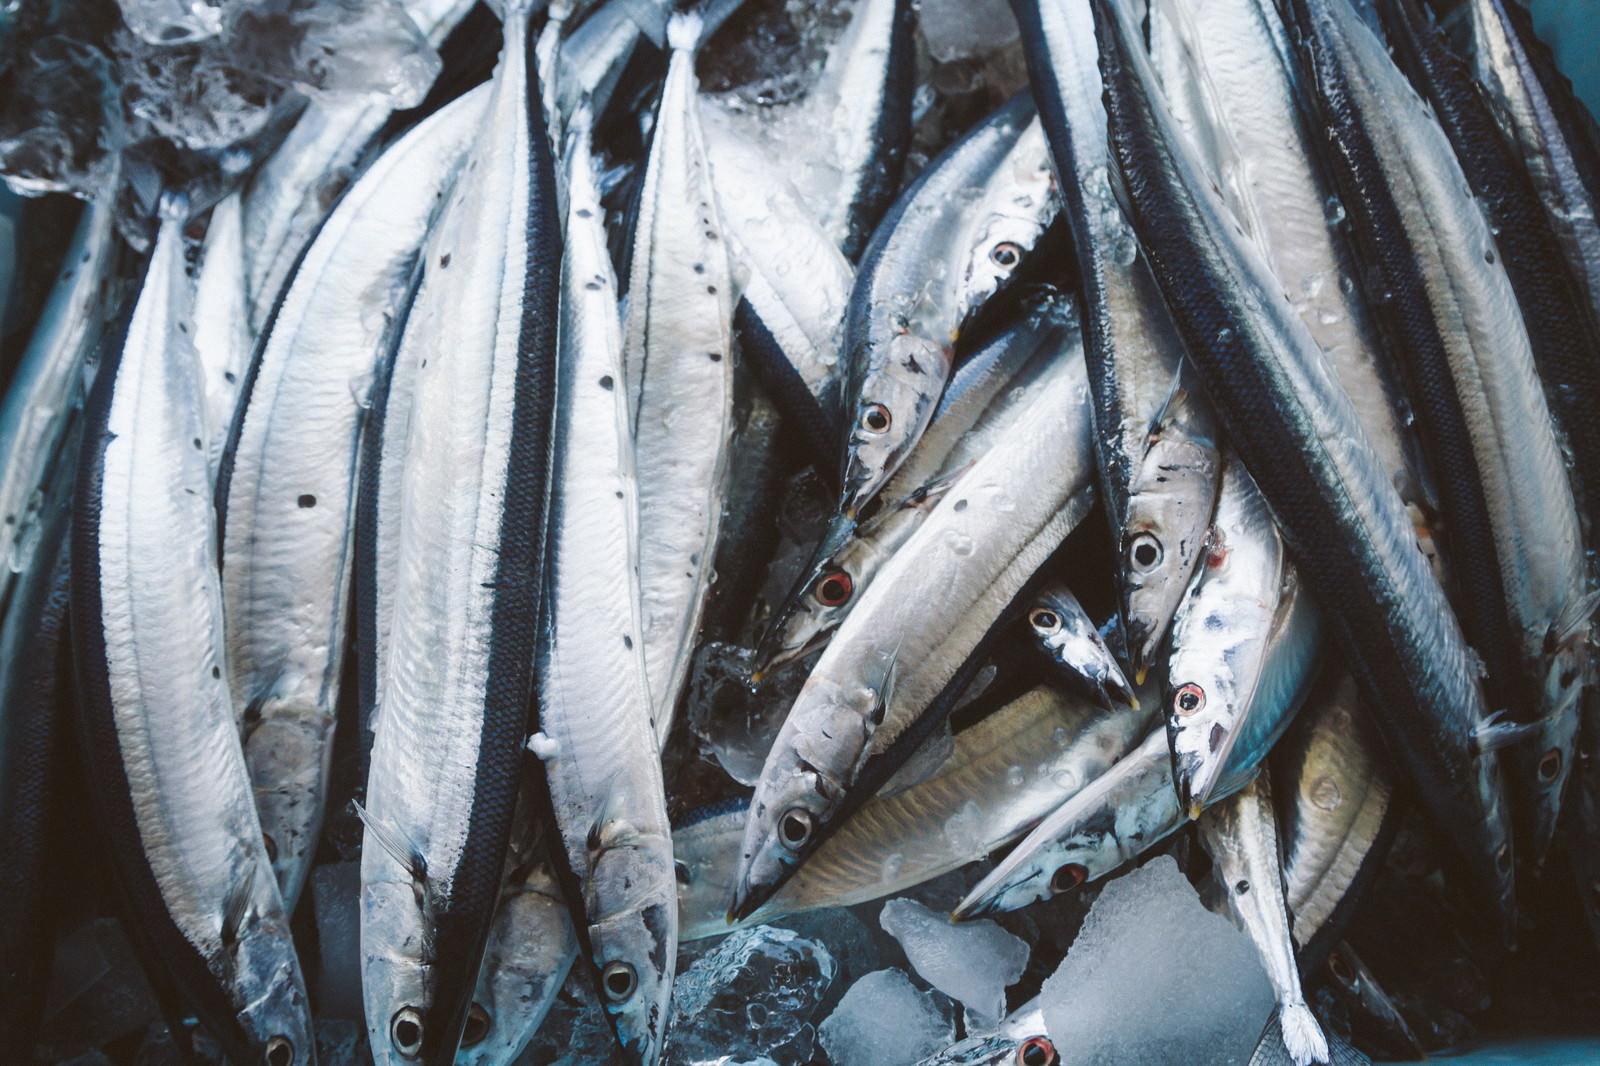 「朝市の秋刀魚朝市の秋刀魚」のフリー写真素材を拡大